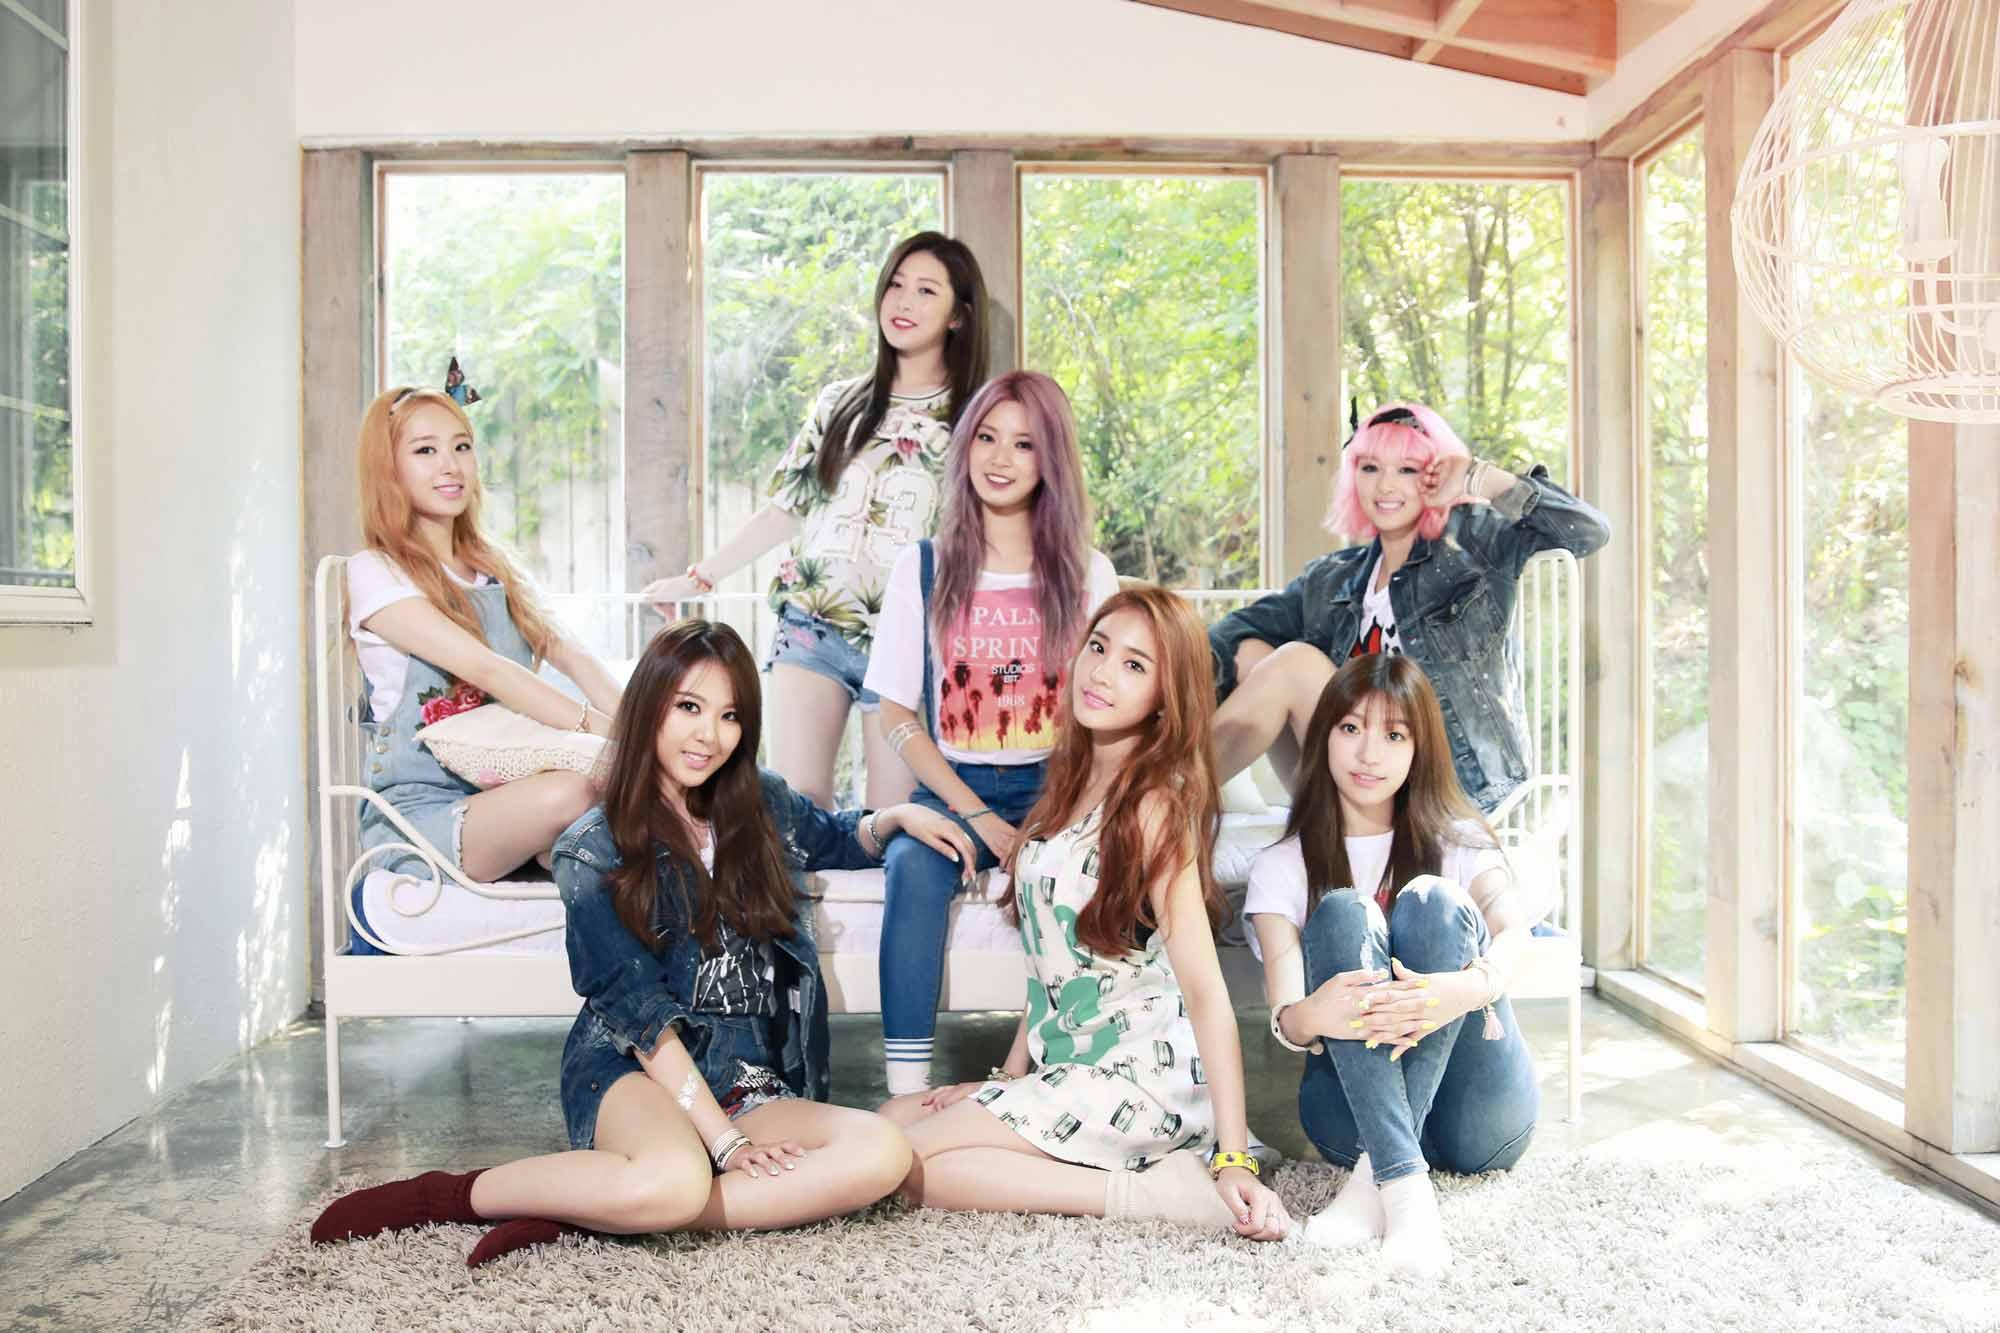 當初這個女團團名公布時,小編真的覺得太妙了!她們就是新的7人女子偶像團體—Sonamoo,韓文意思叫松樹